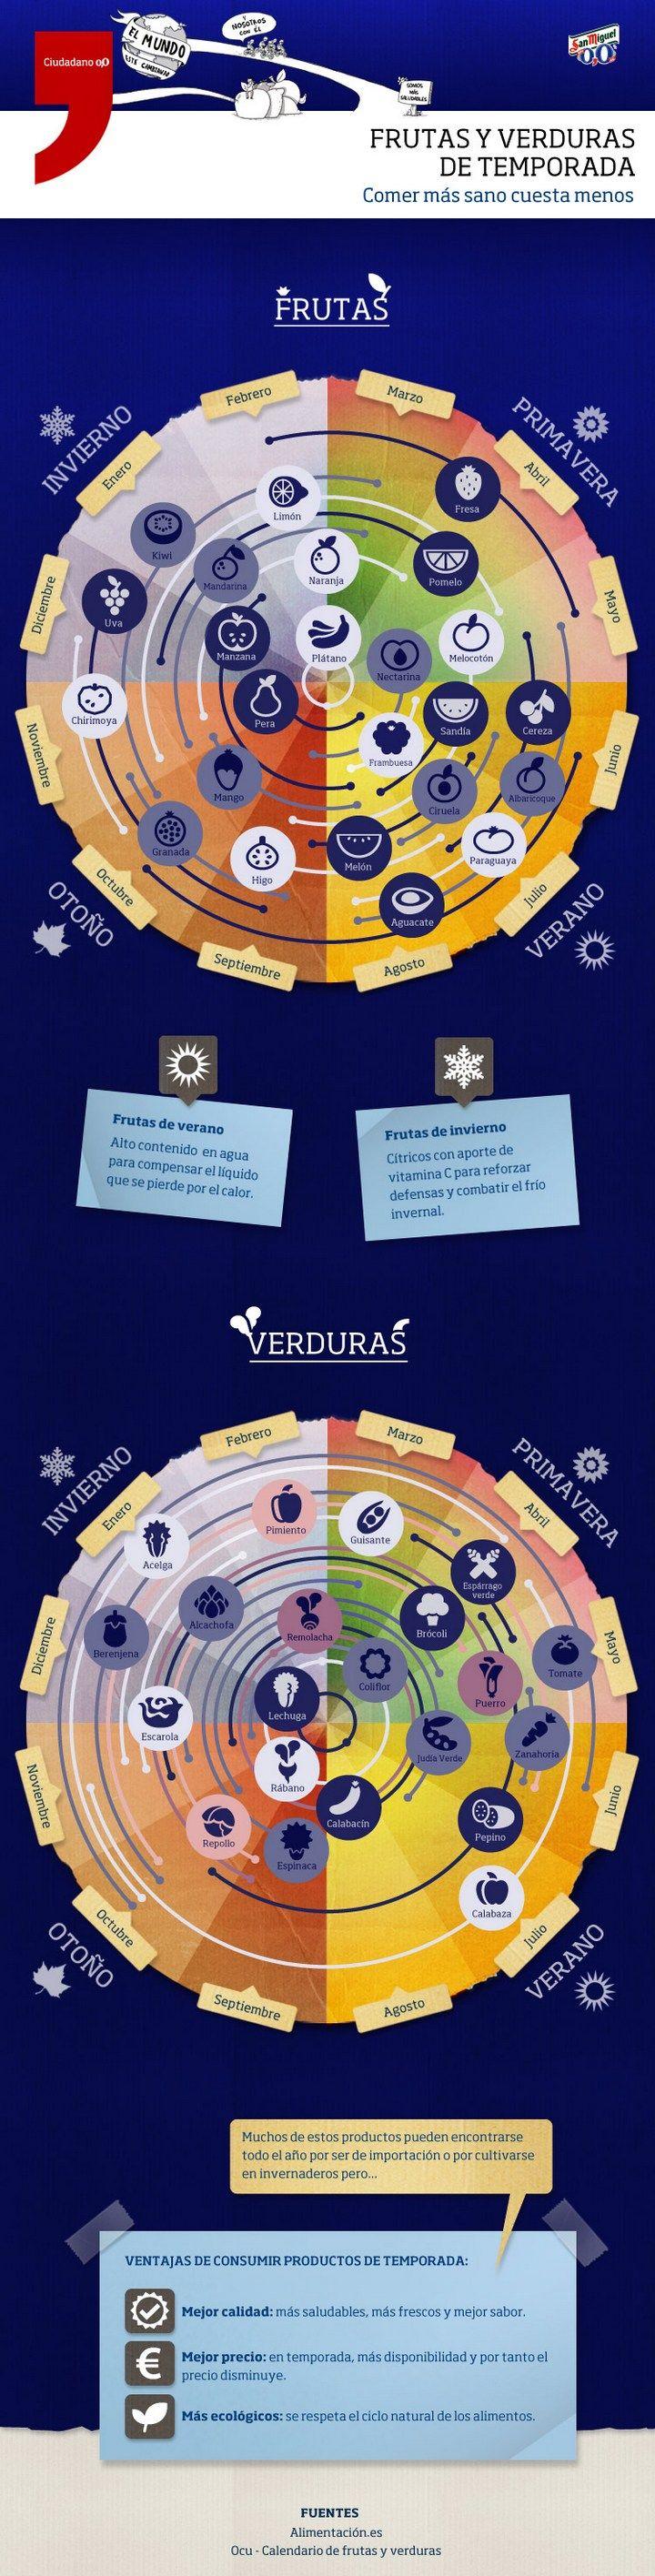 Billetes, una actividad para empezar la clase, con una infografía con las frutas y verduras de temporada en España